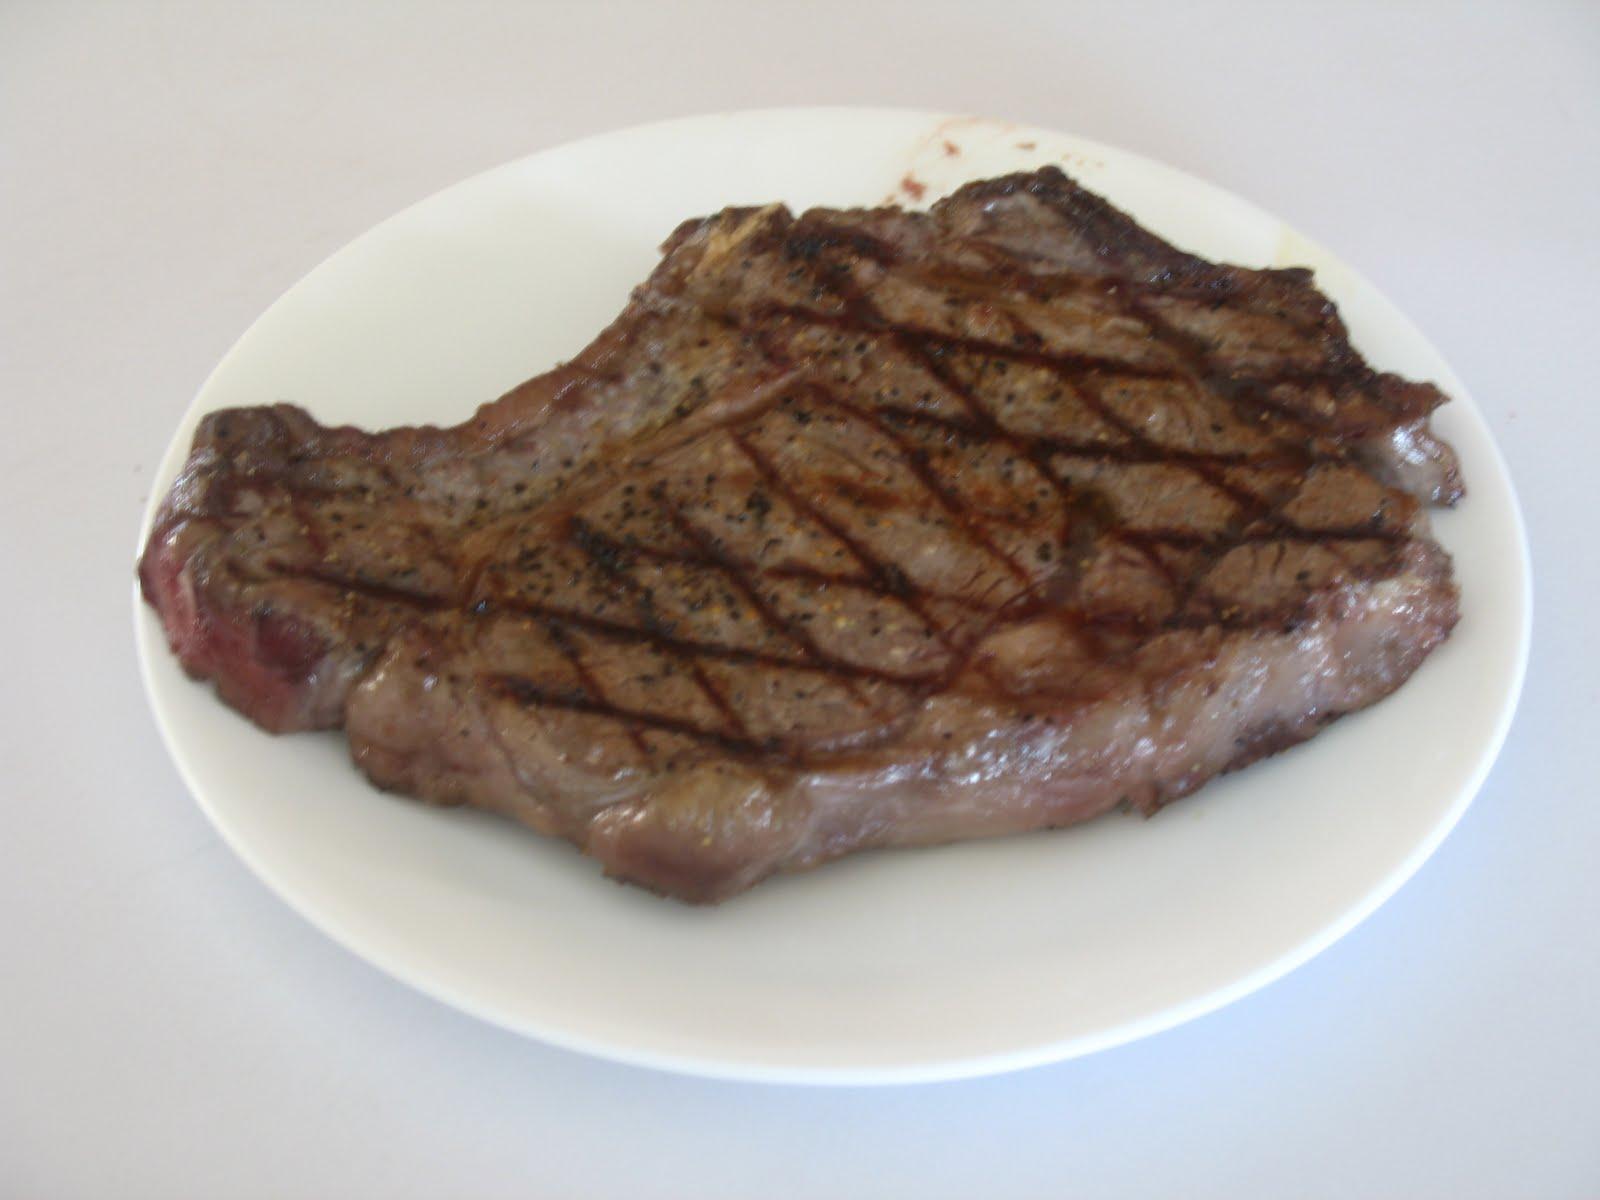 Seven Minute Steak Your Lighter Side